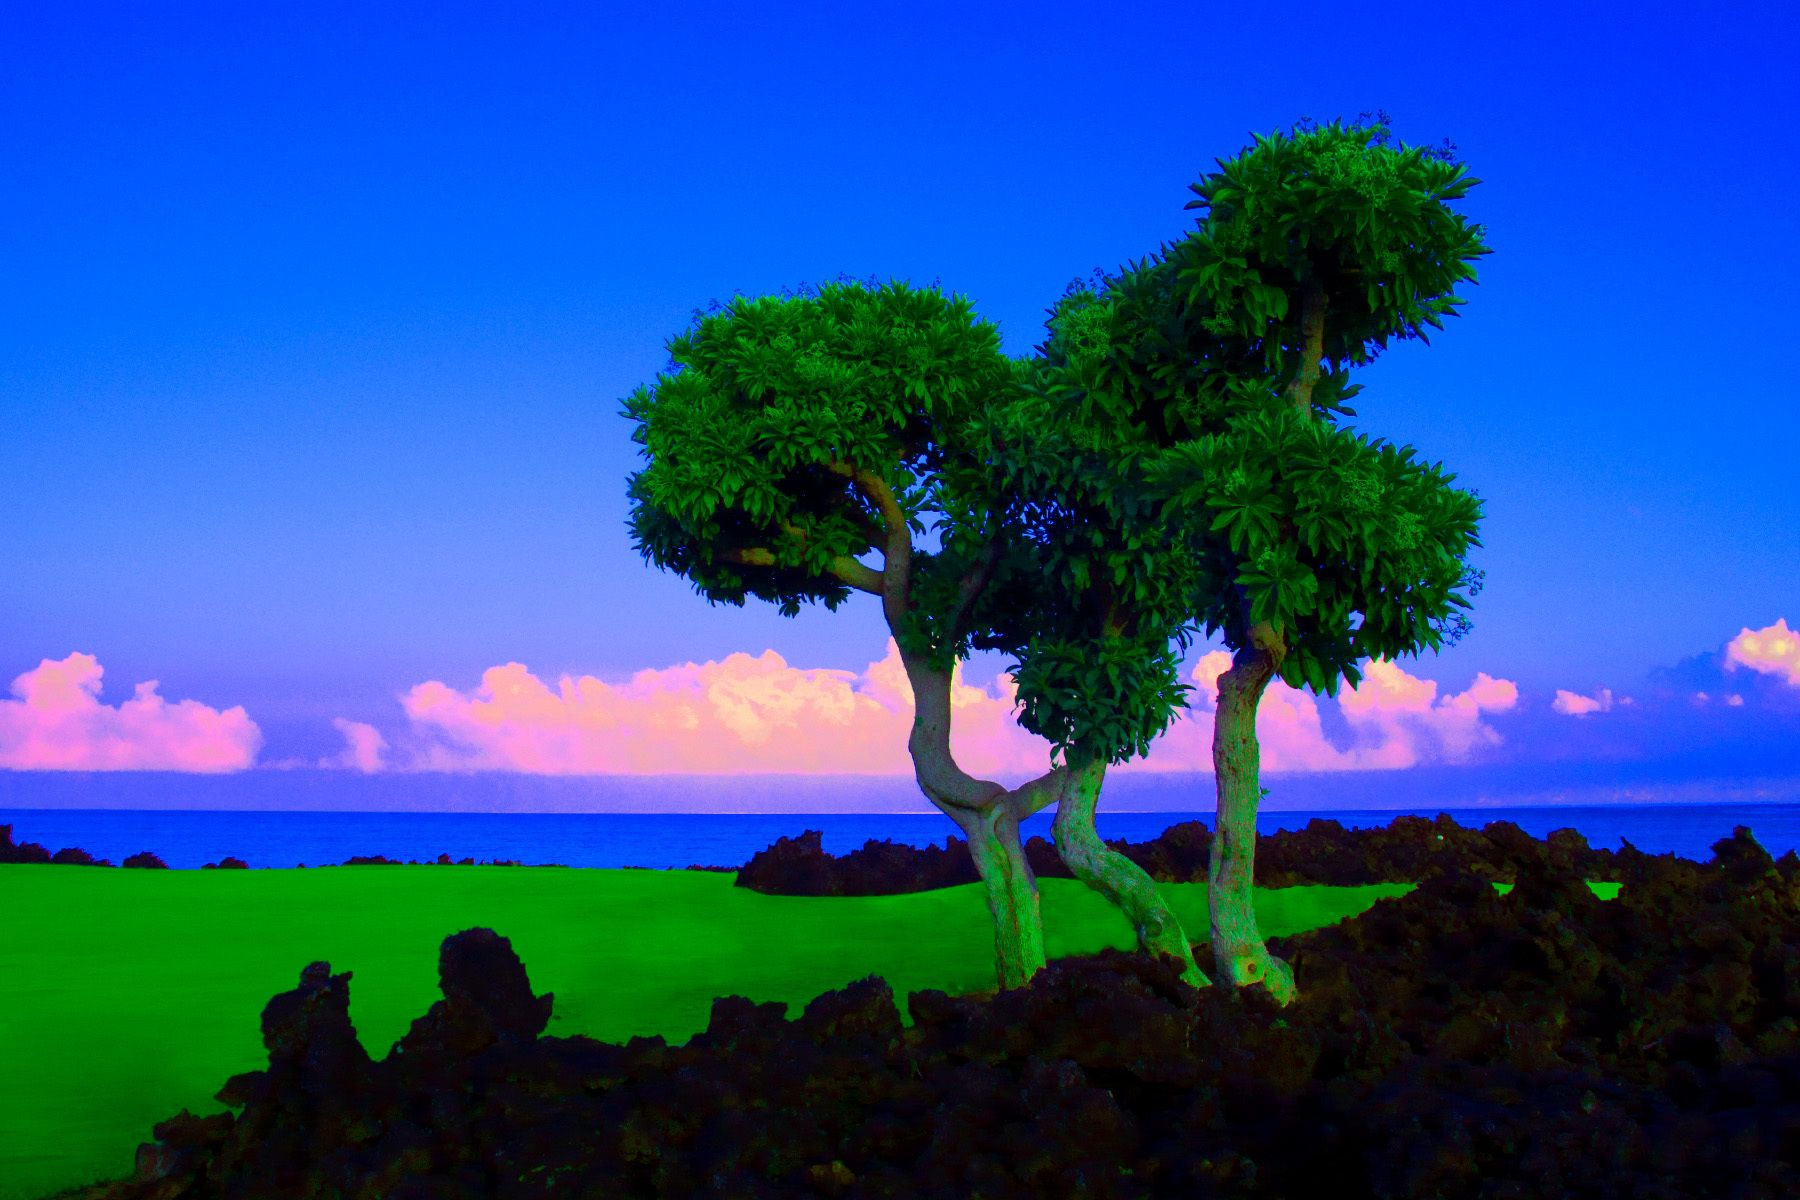 4_0_161_1l_gottlieb_hawaii_tree_1.jpg